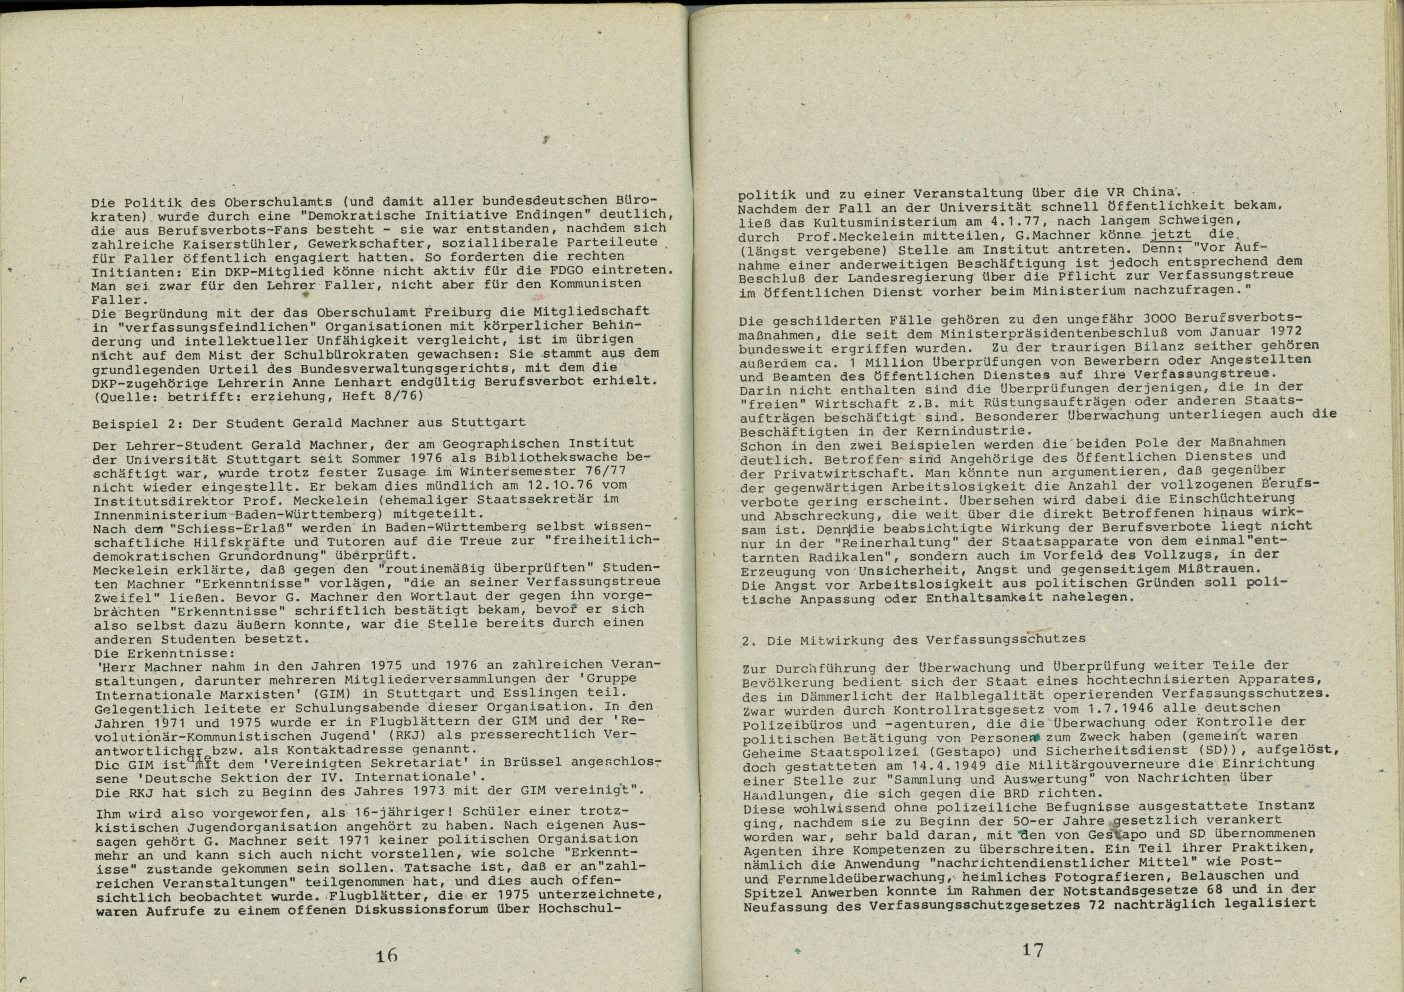 Stuttgart_AGRT_Menschenrechtsverletzungen_Leseheft_1978_10